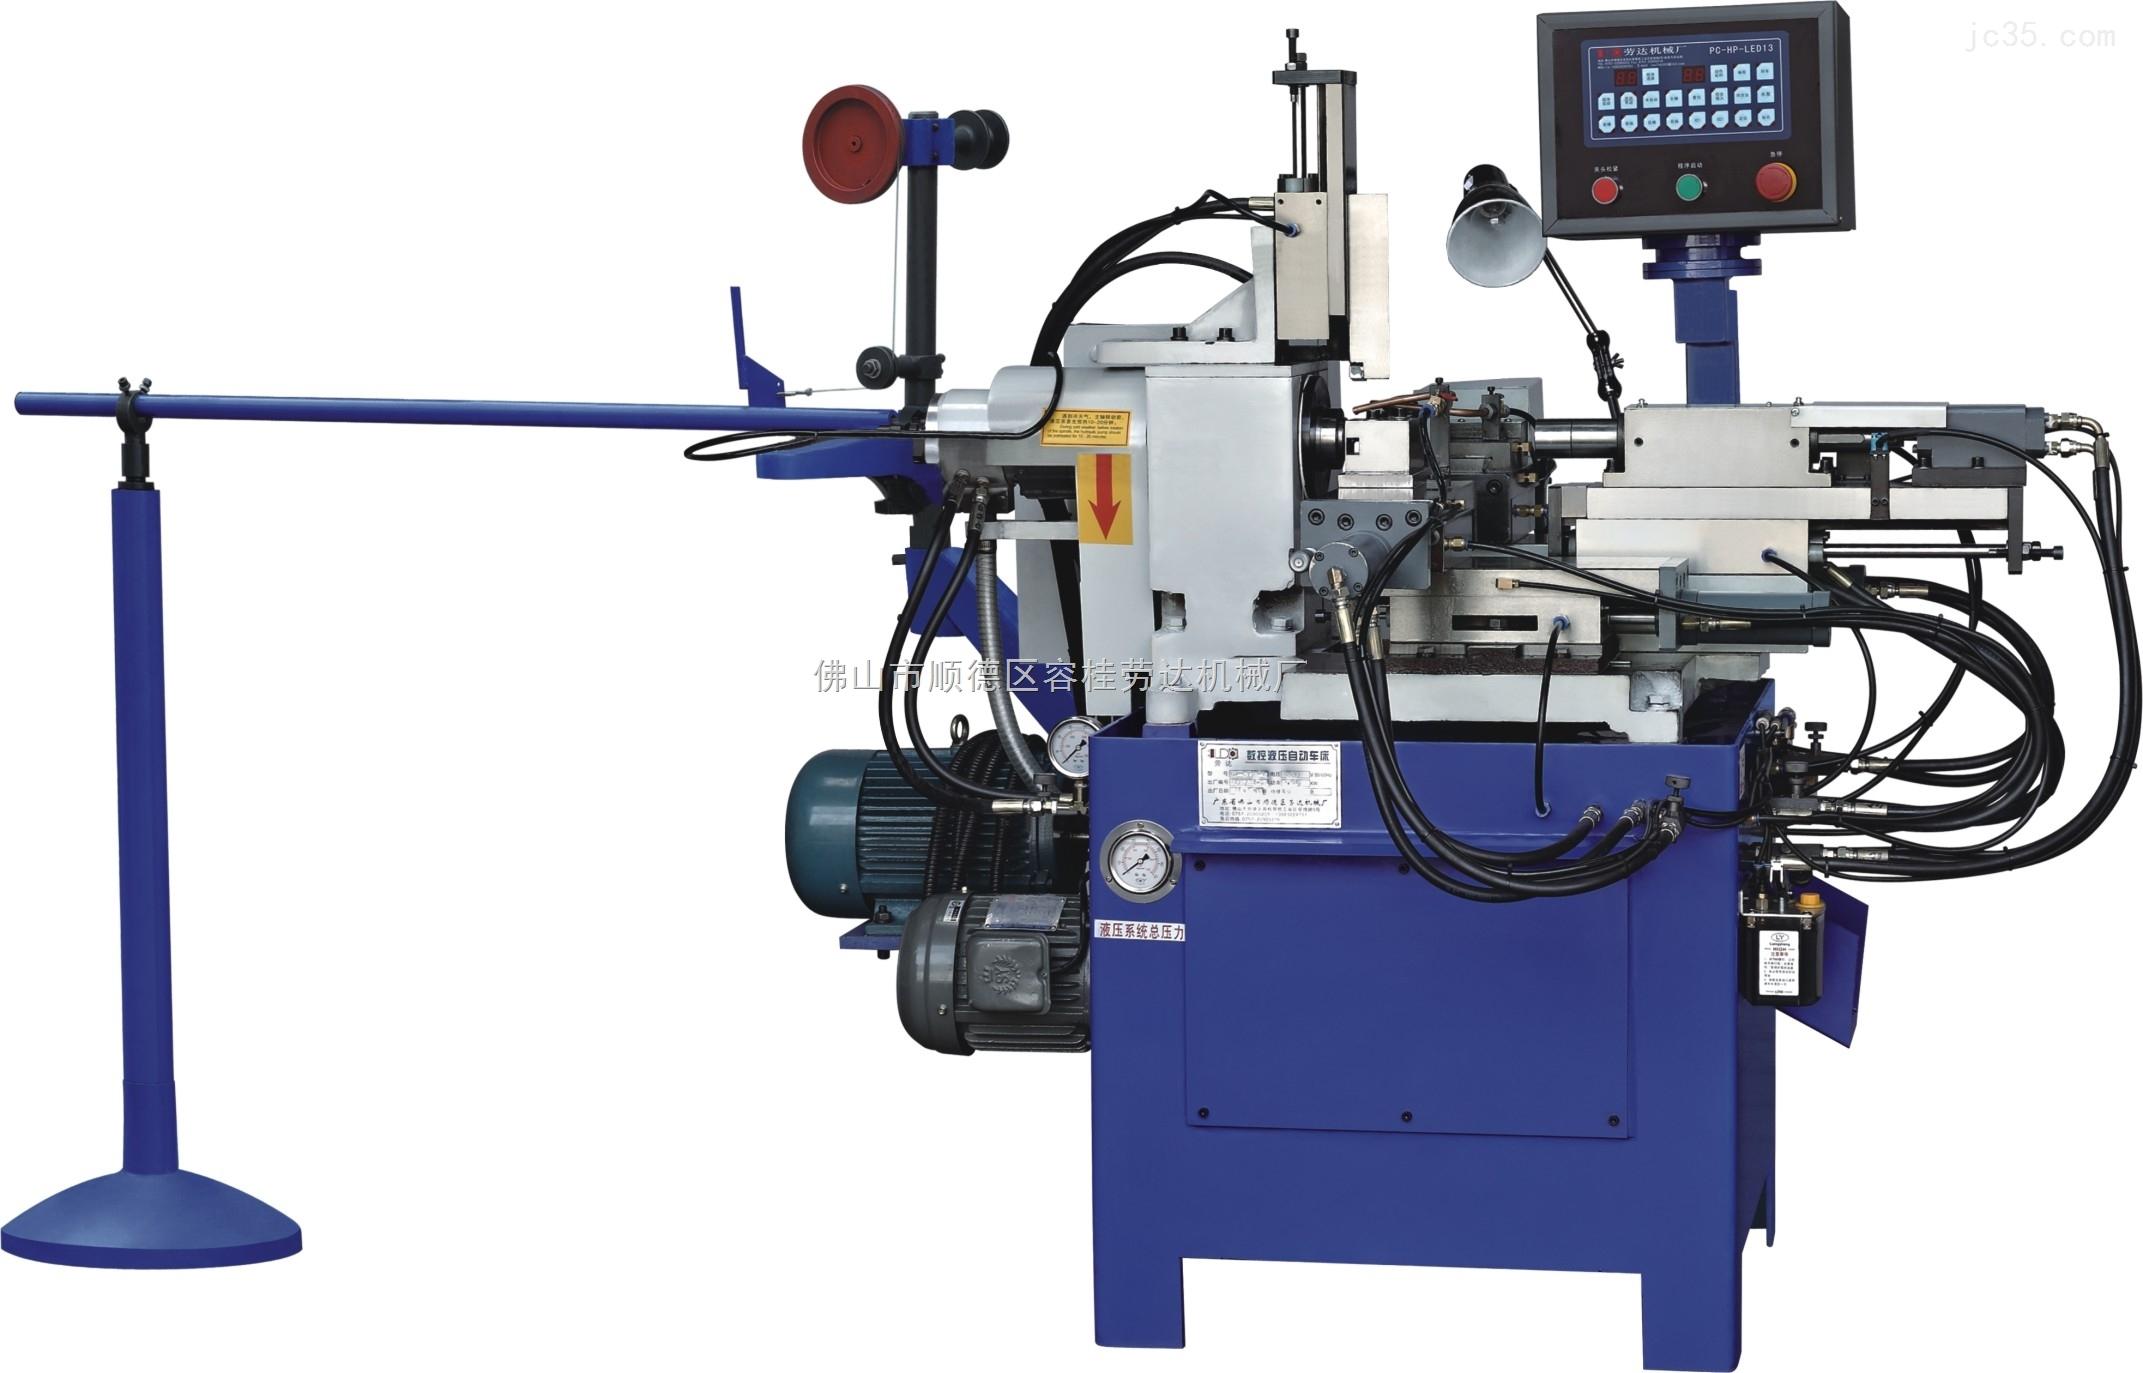 LDY-20C 棒料液压车床 劳达液压机床